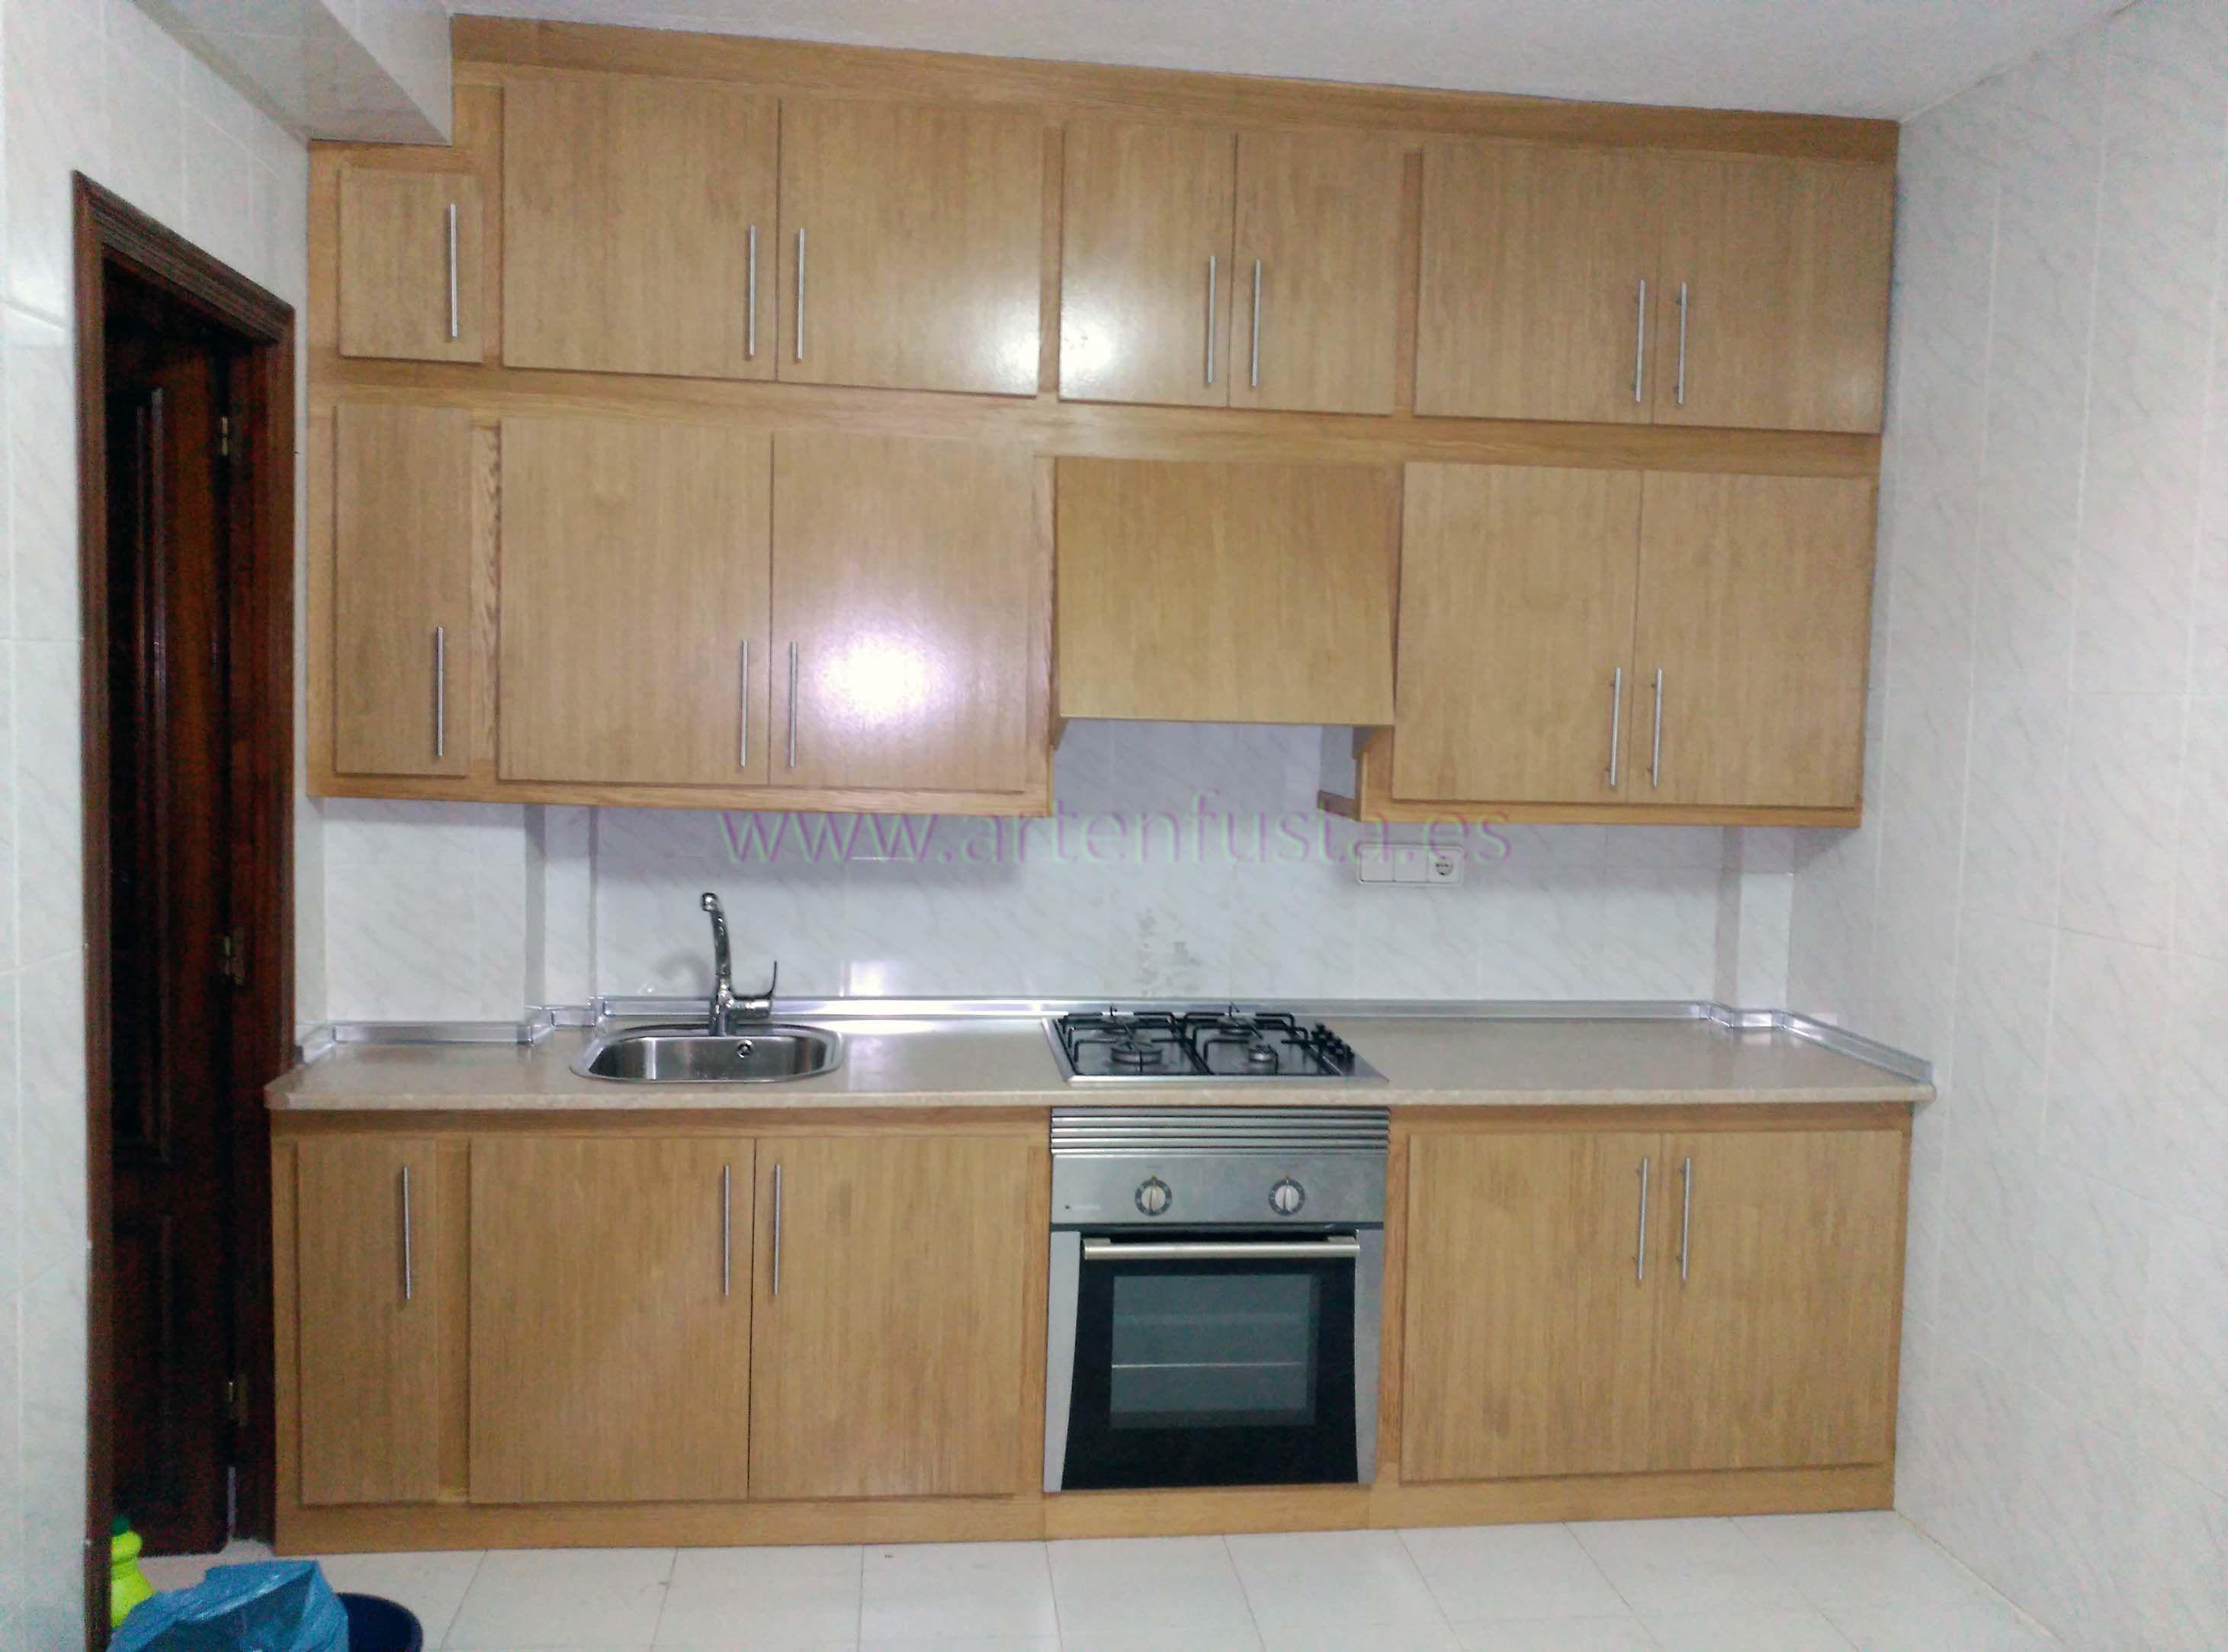 Muebles cocina alicante fabulous fabrica muebles de - Cocinas en alicante ...